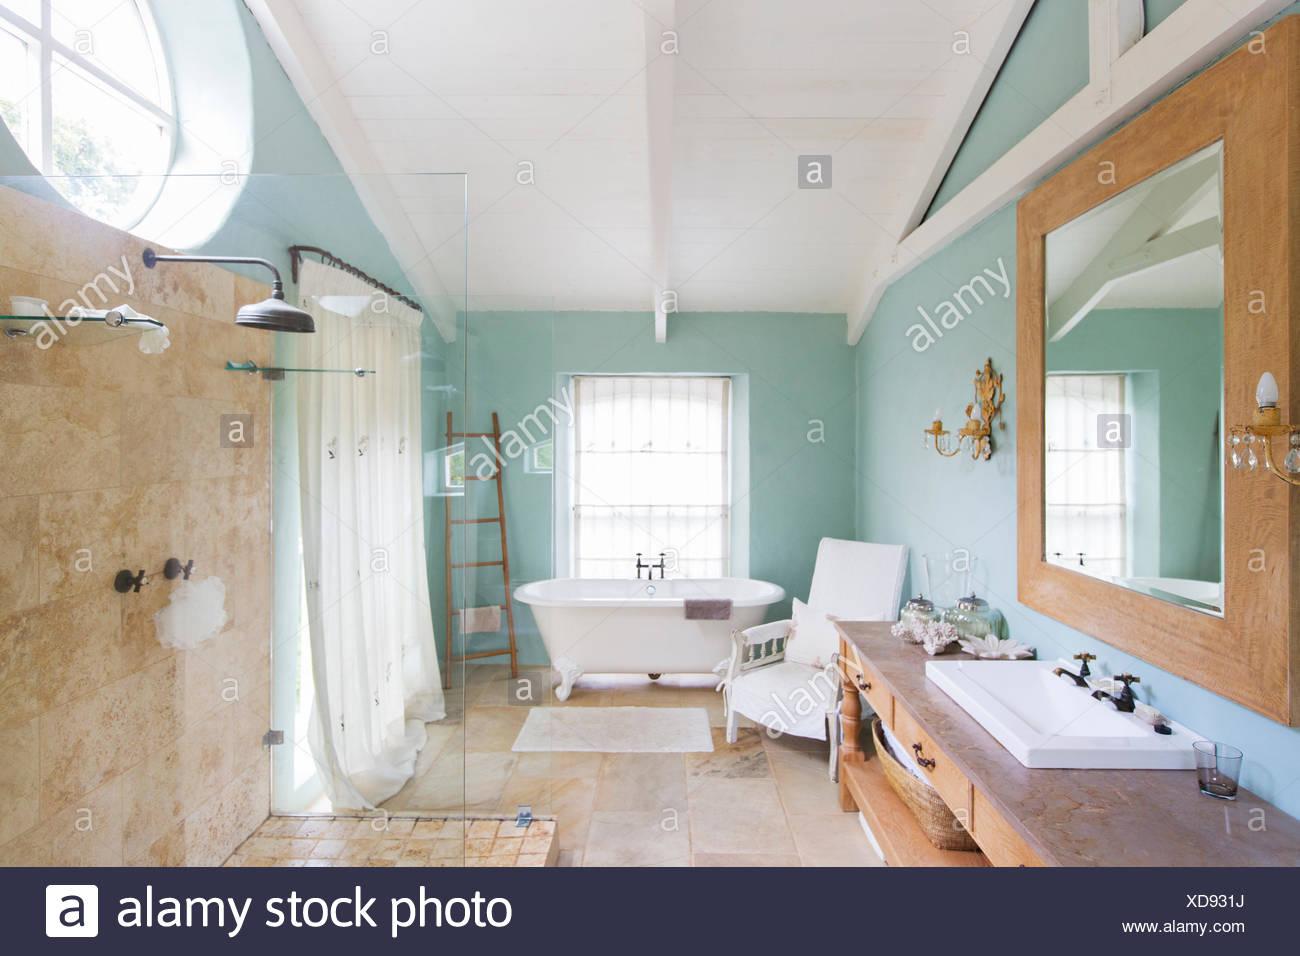 badewanne rustikal, badewanne und dusche in rustikale badezimmer stockfoto, bild, Design ideen